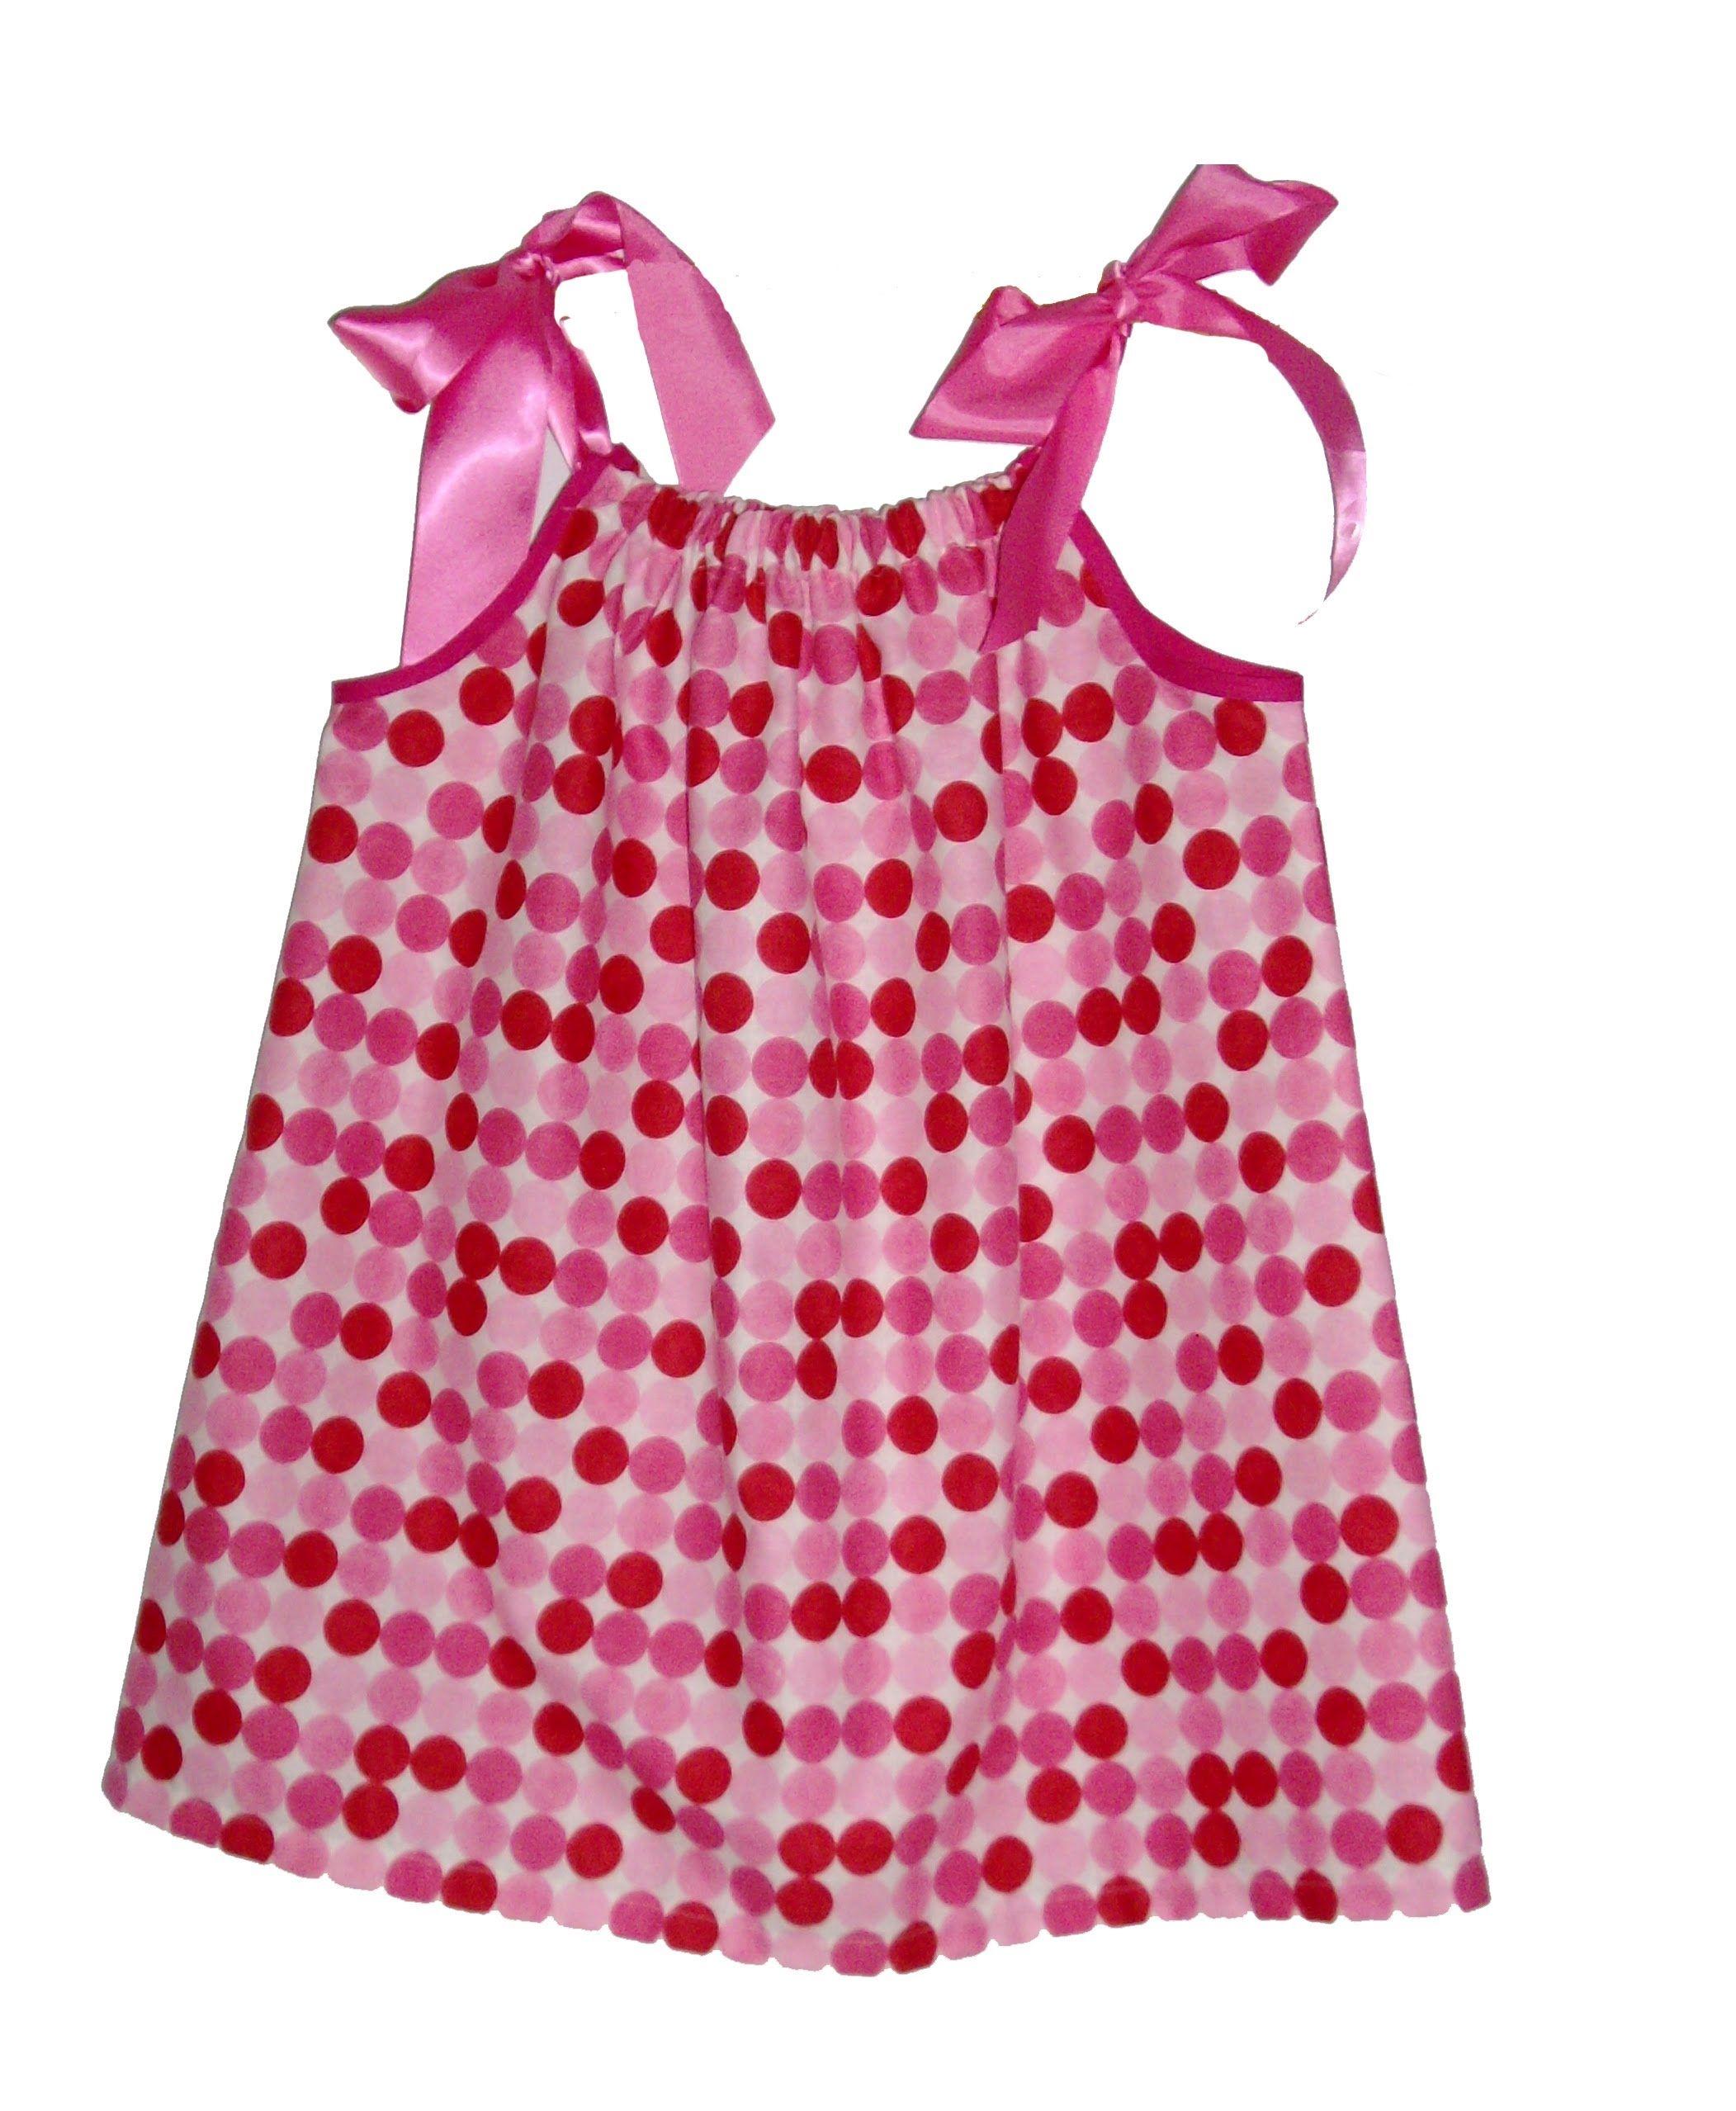 Como hacer un vestido con una funda de almohada para ni as - Hacer tocador para nina ...